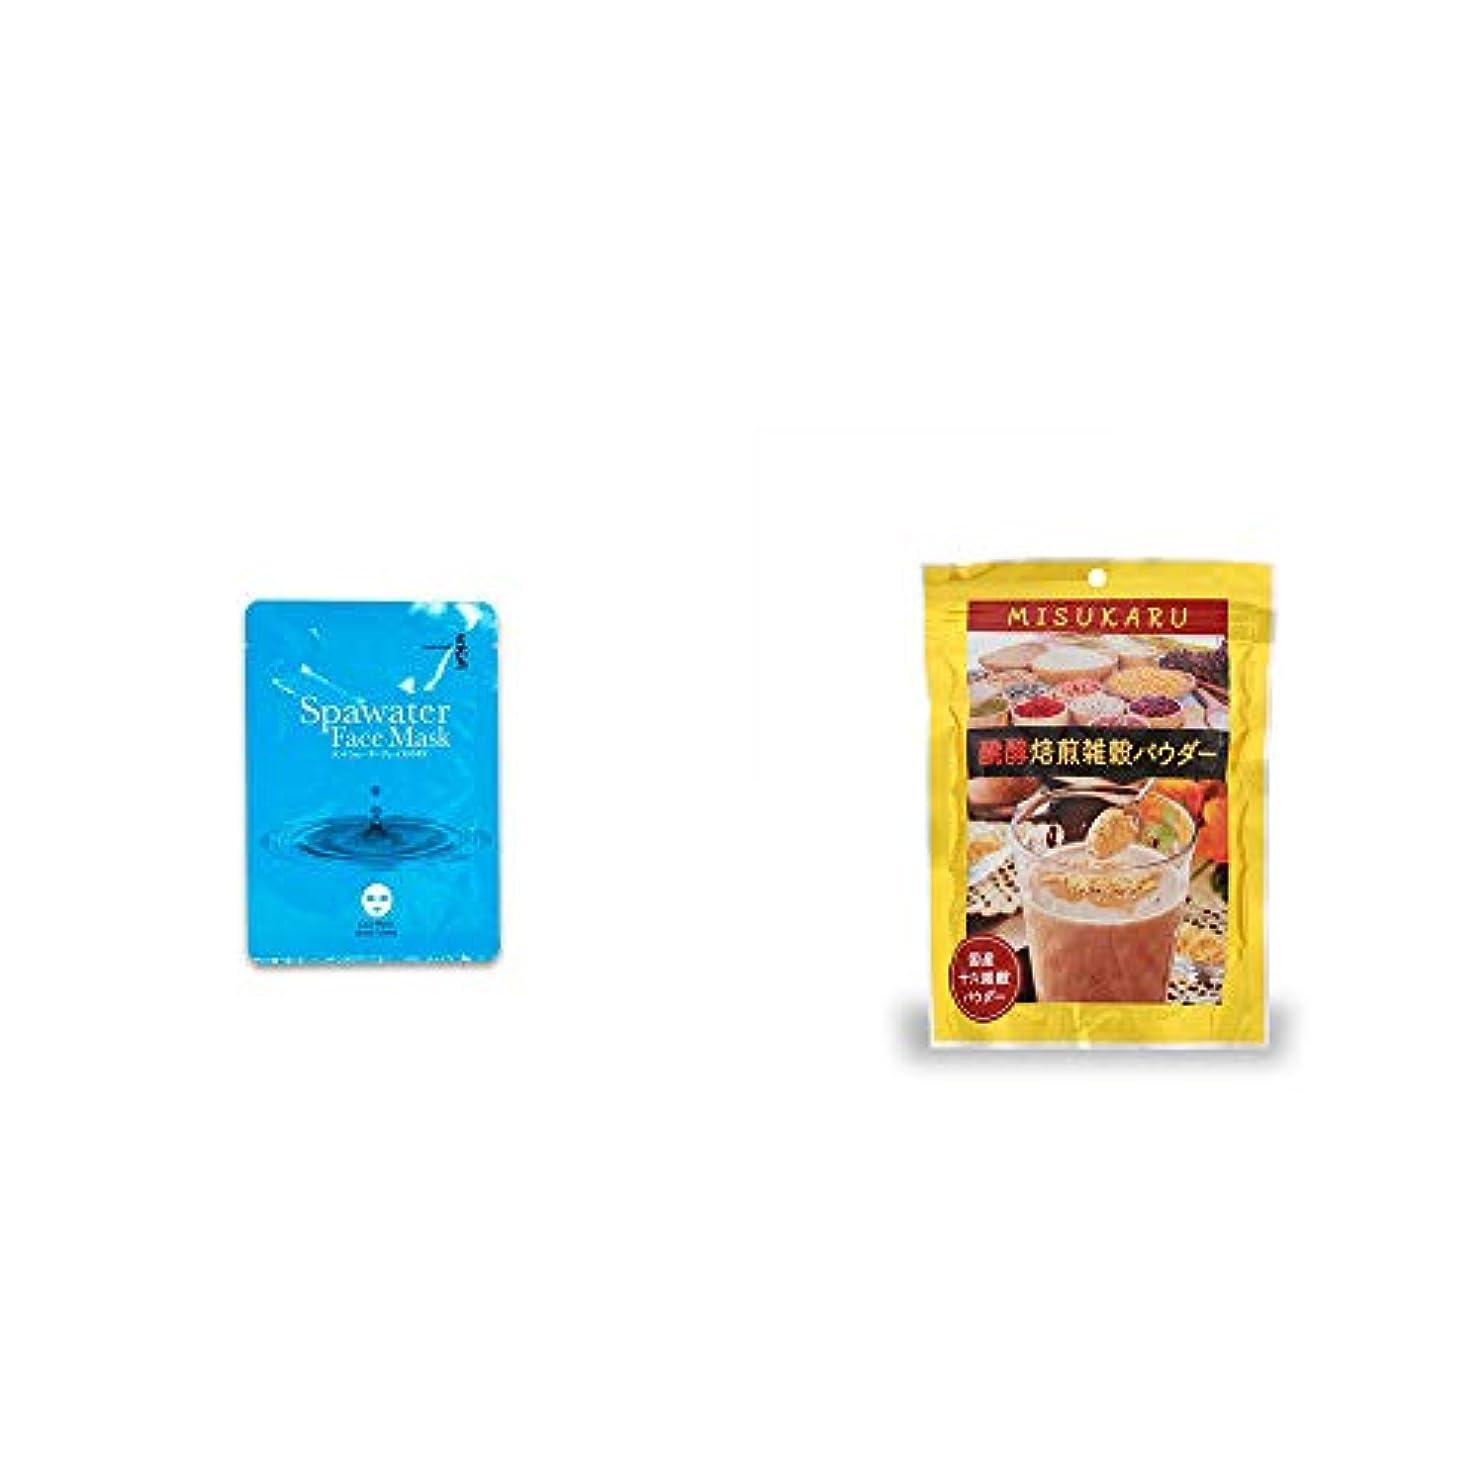 割り当てます頼る信じる[2点セット] ひのき炭黒泉 スパウォーターフェイスマスク(18ml×3枚入)?醗酵焙煎雑穀パウダー MISUKARU(ミスカル)(200g)